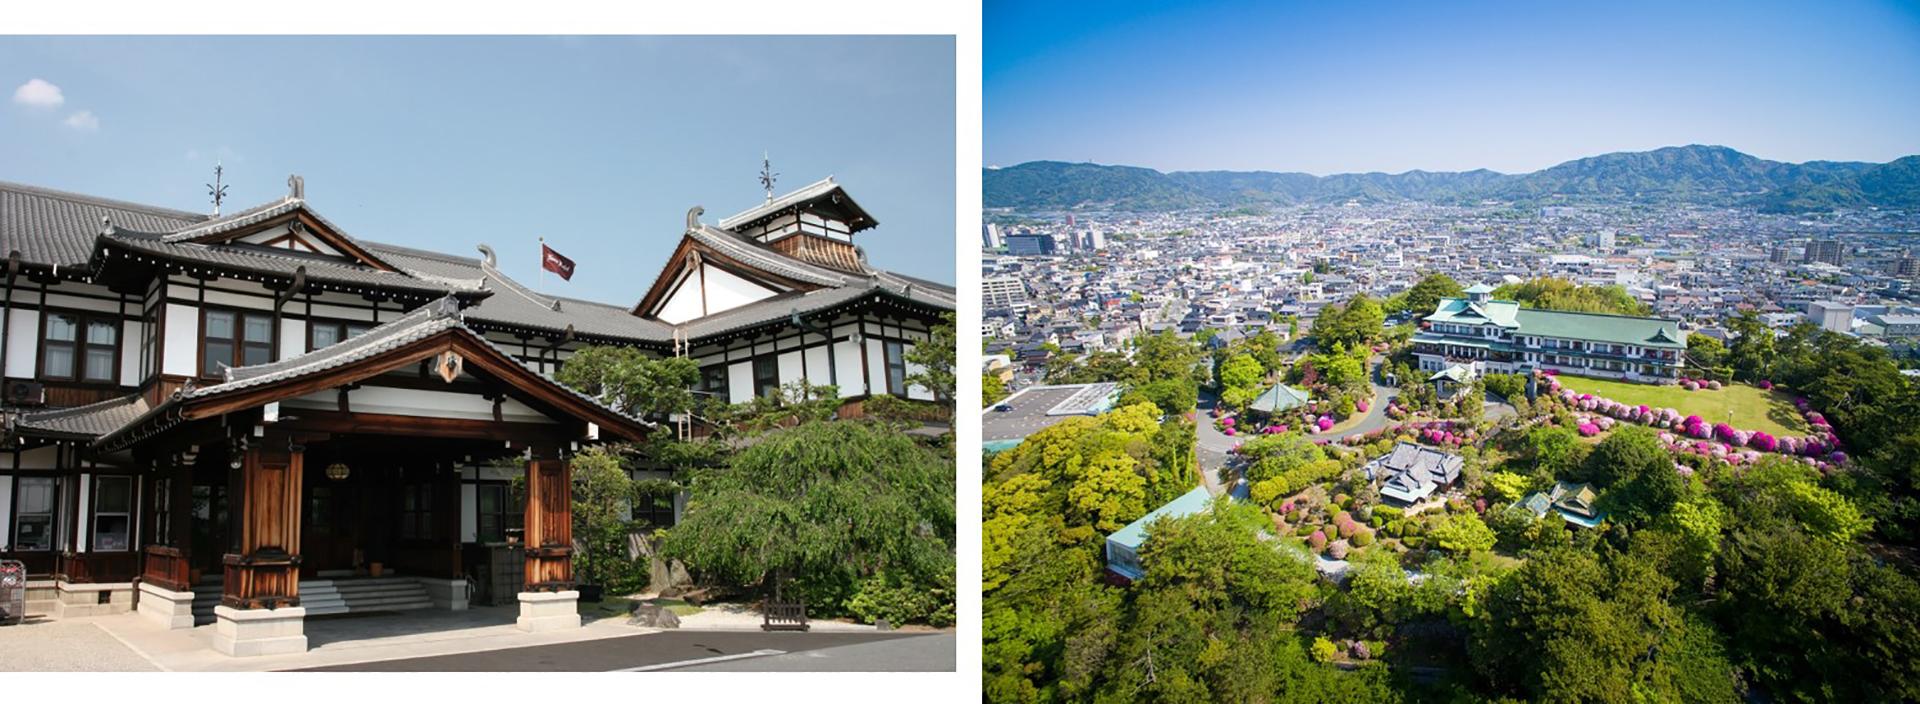 左)奈良ホテル、 右)蒲郡クラシックホテル